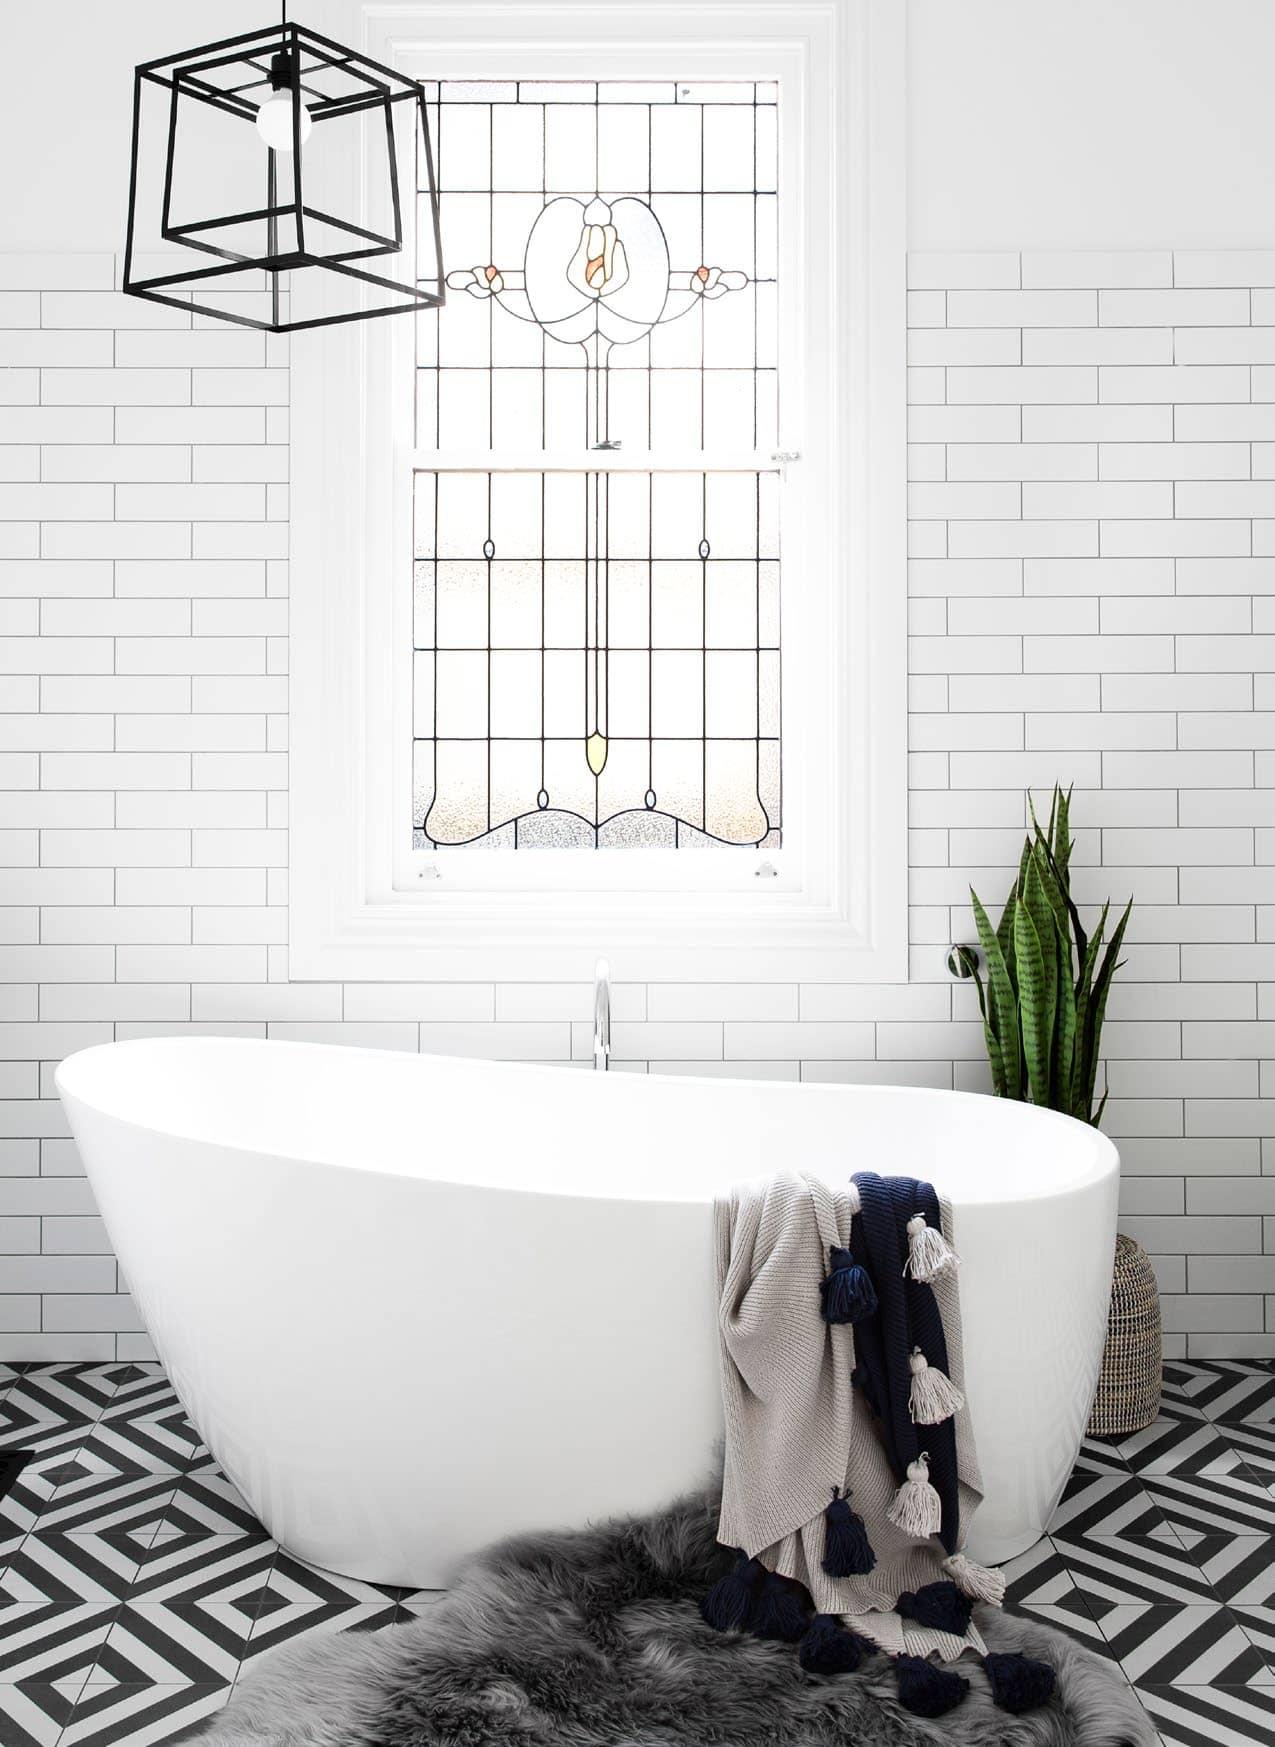 Bathrooms: Pulling Focus